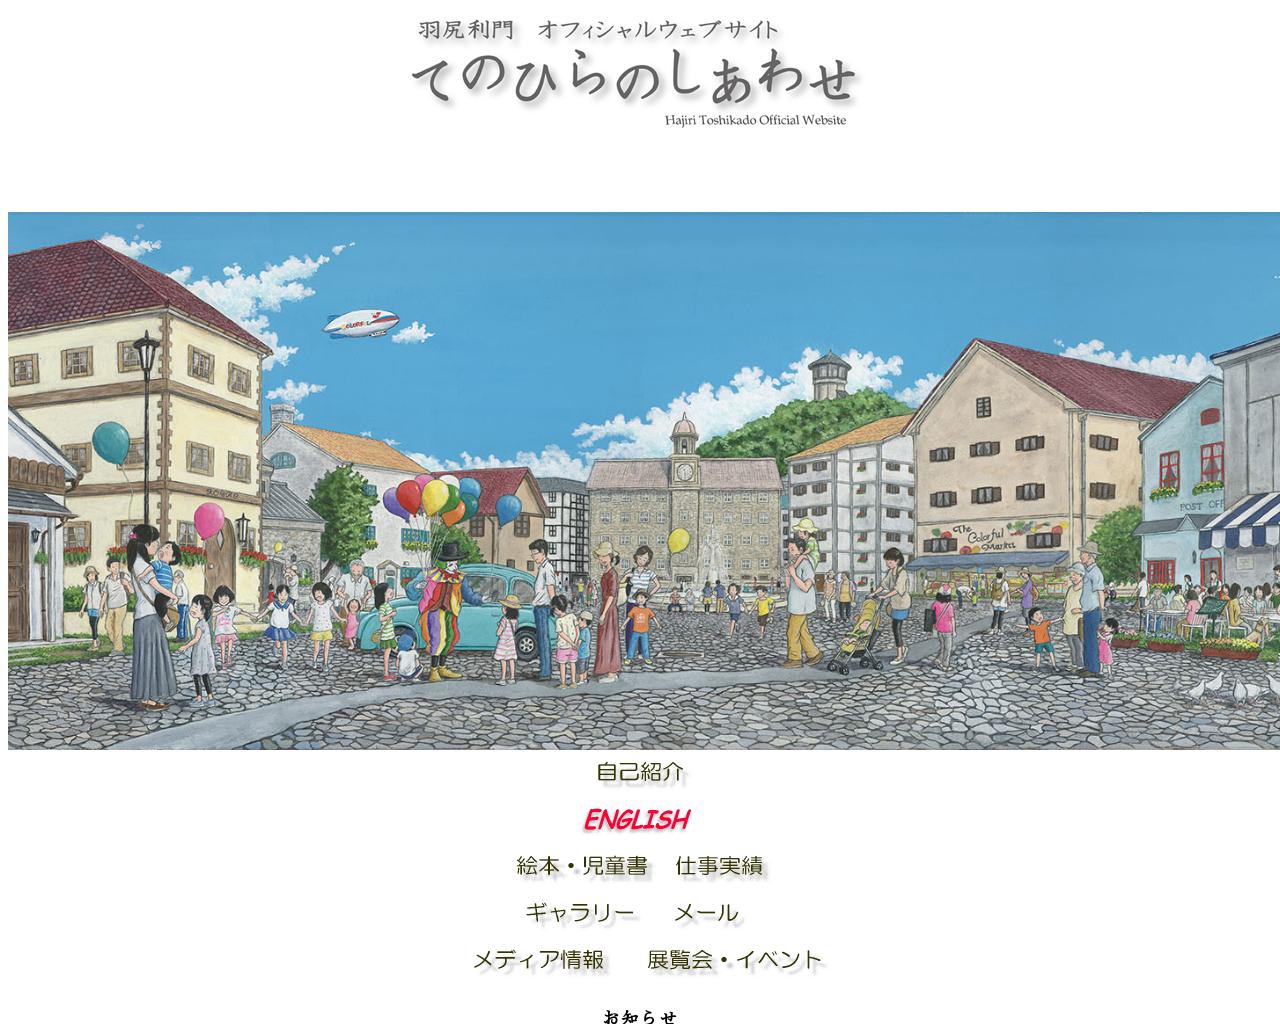 hajiritoshikado.com(2018/04/16 14:00:41)